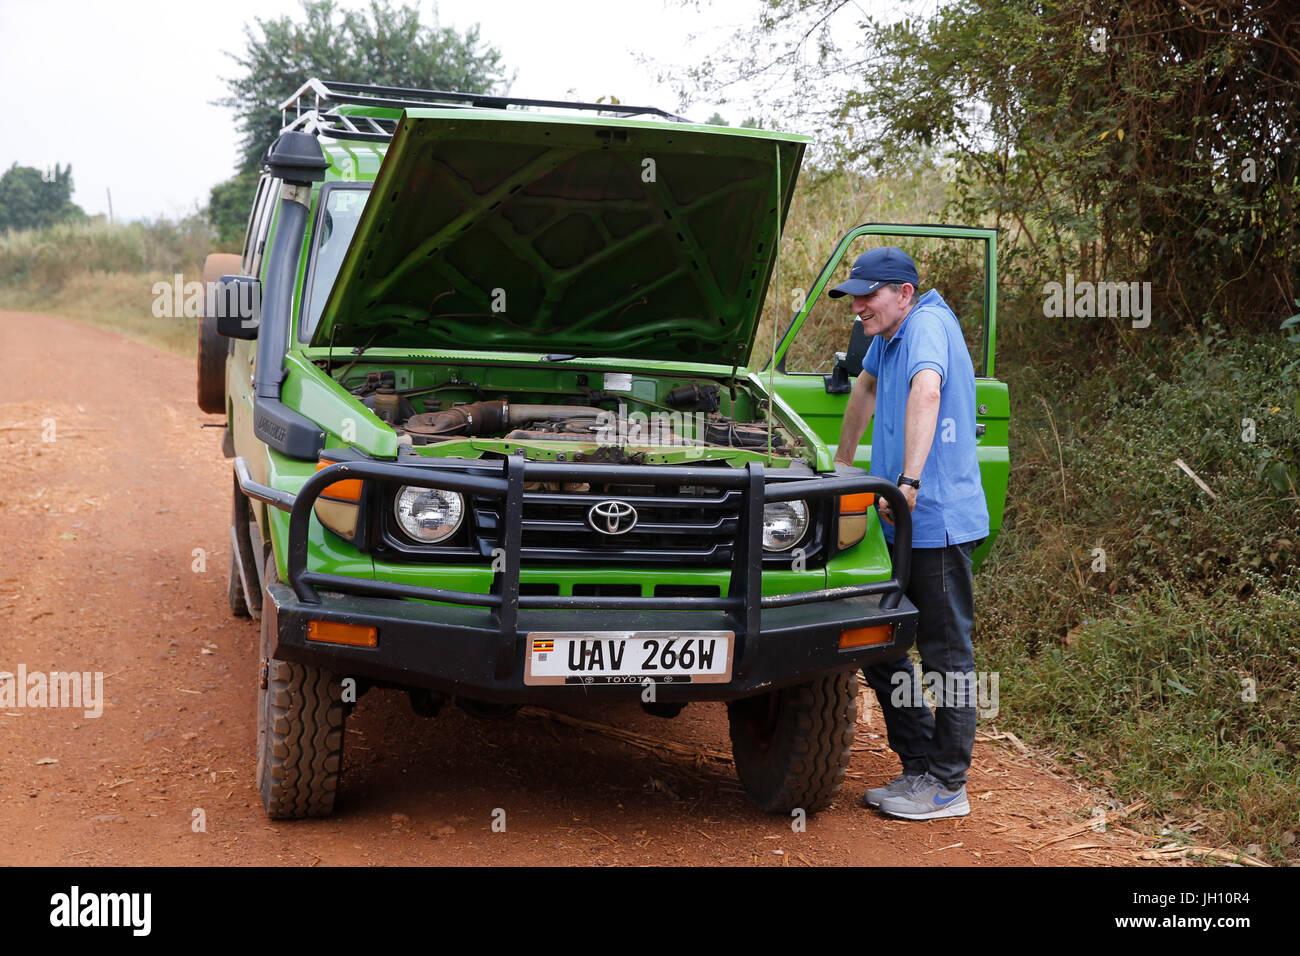 Car breakdown in Uganda. Uganda. - Stock Image